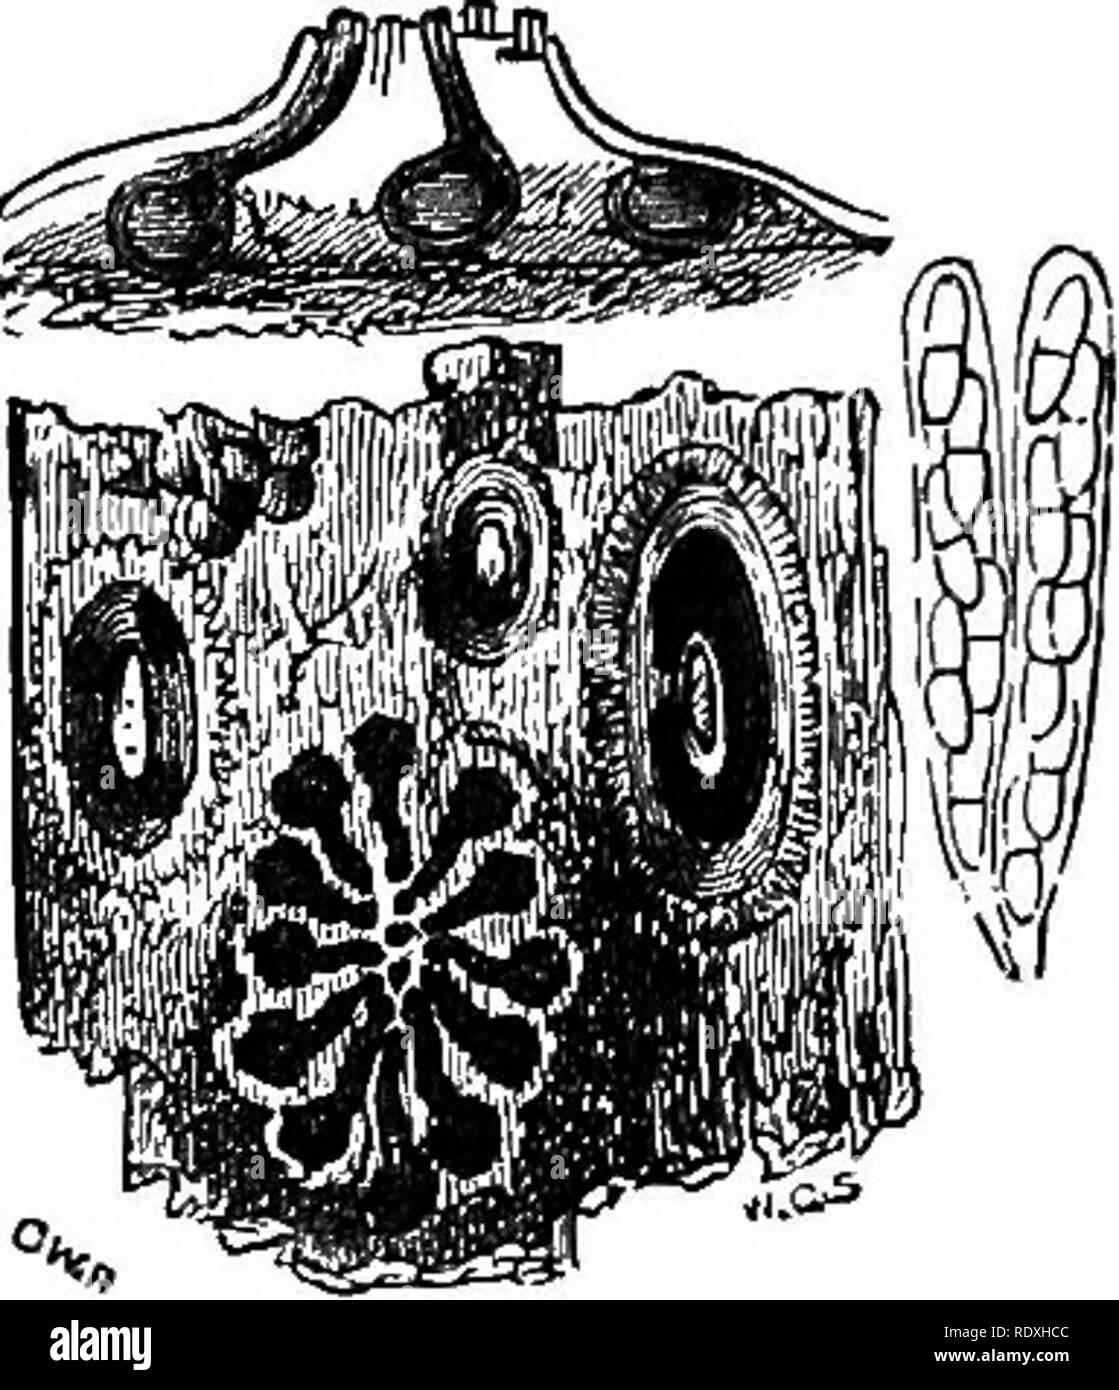 . Introducción al estudio de los hongos; su organography, clasificación y distribución, para el uso de colectores. Los hongos. 67 DICHOCARPISM la superficie del tubérculo, destinatarios de que escapar por algún tiempo ondas spermatia cualquiera de puro o mezclado con stylospores spermatia. Ambos son ovoides, pero el spermatia son incoloros y mucho menor que el stylospores, que son tan negros como las esporas de un Melanconium. Estas dos citas son dadas como exhibiendo lo que hemos llamado carpism Dicho- como se presentó a la vista de quien logra mucho en demostrar el hecho de que Foto de stock